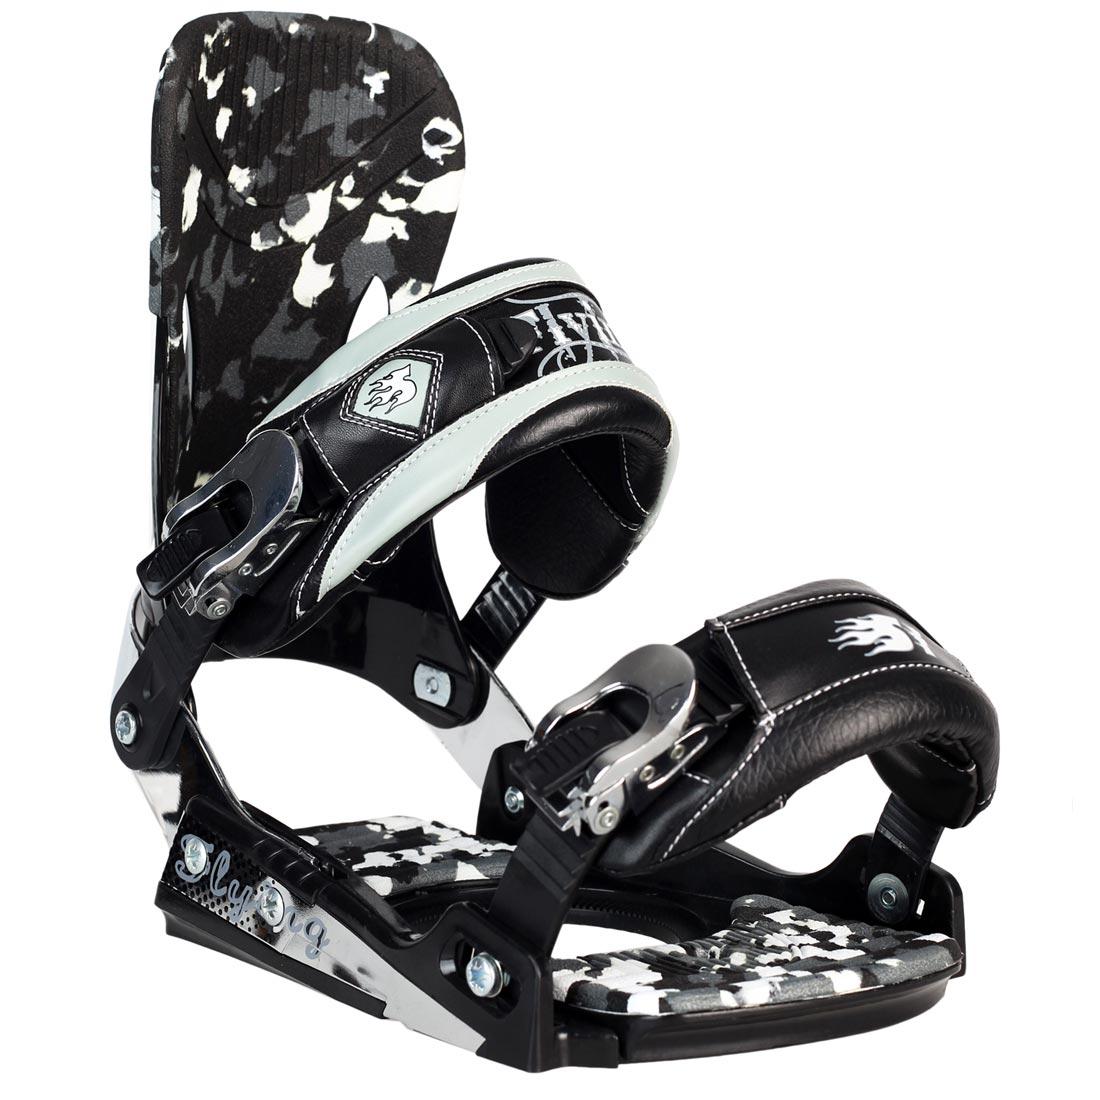 Крепления для сноуборда SMM SMS10-FLY купить в Boardshop №1